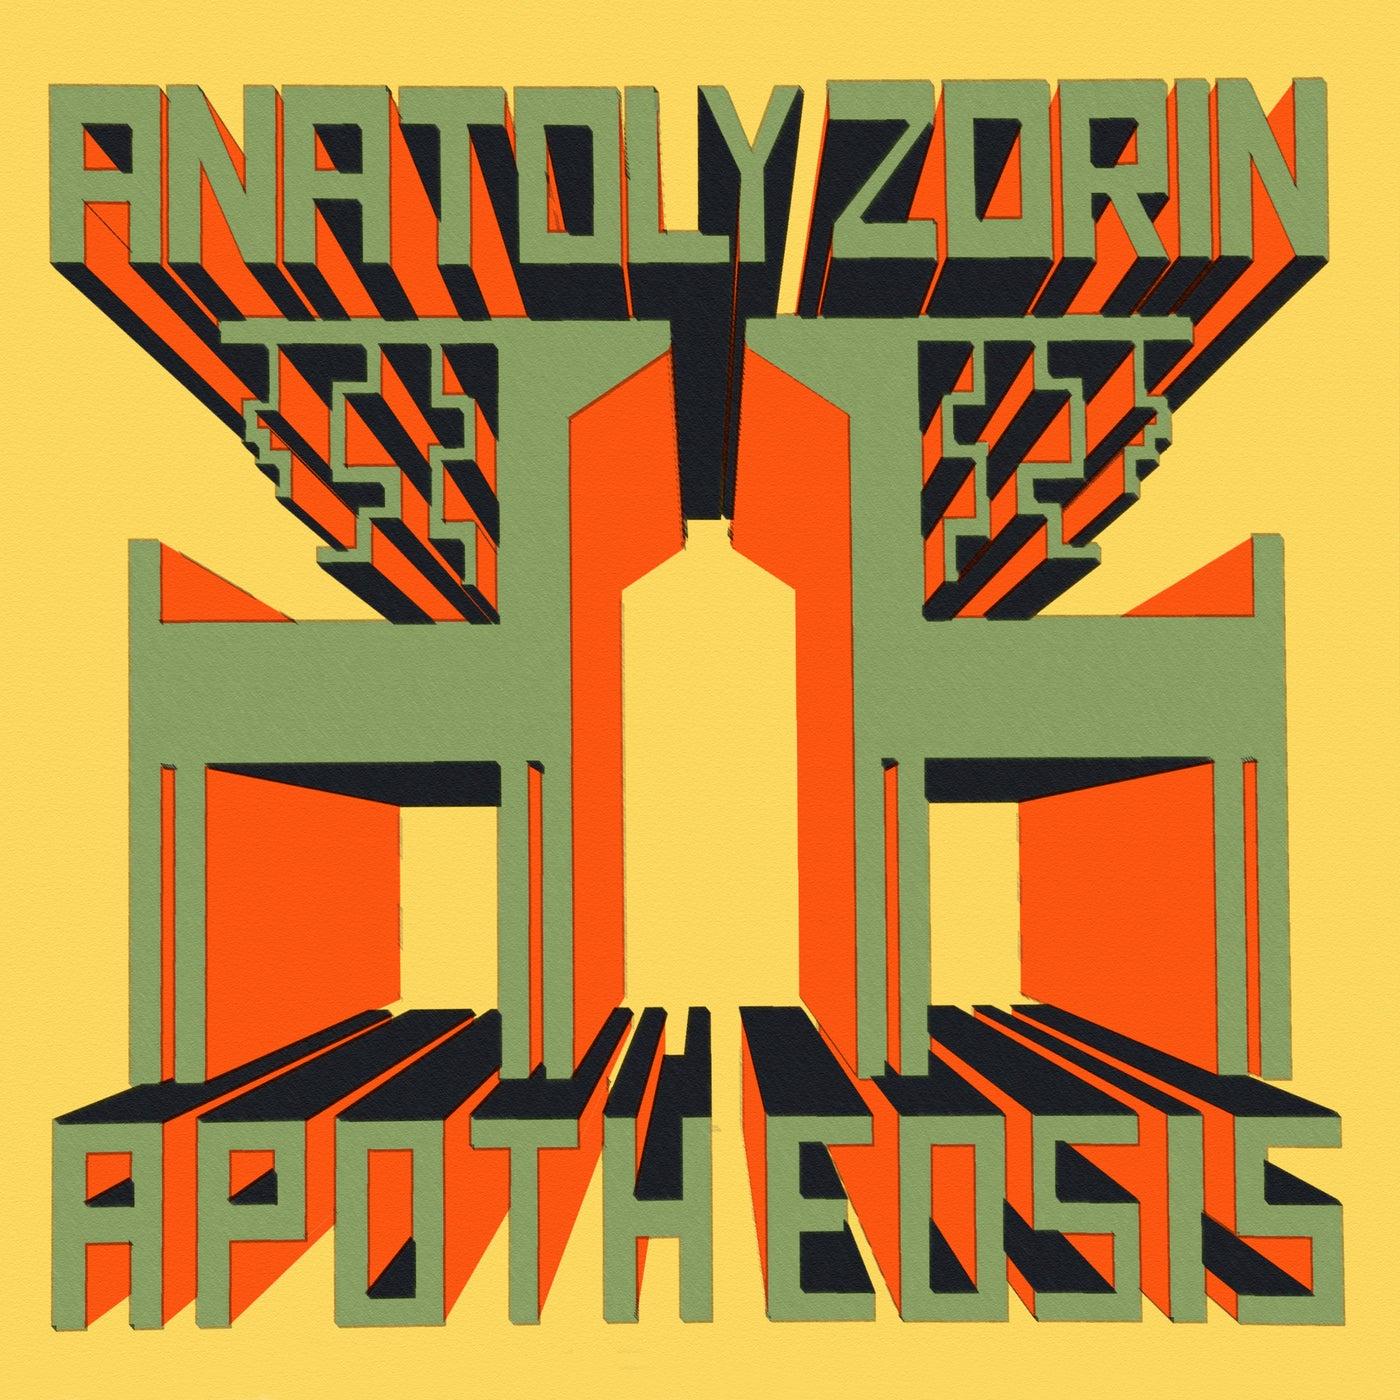 Download Apotheosis on Electrobuzz